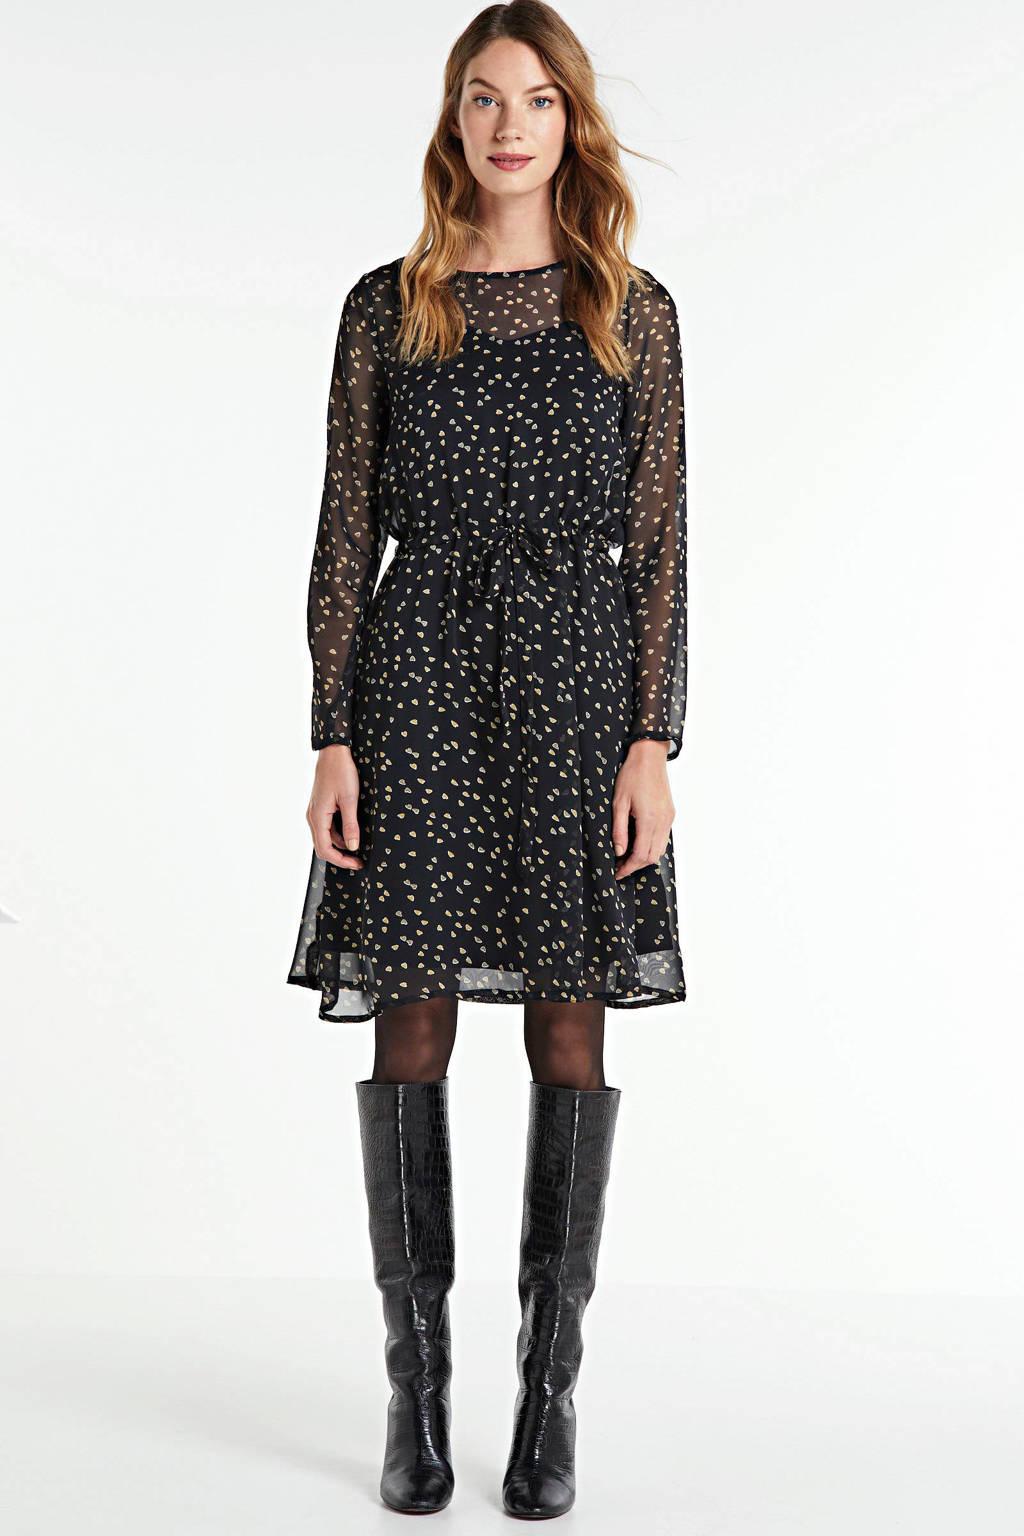 ICHI semi-transparante A-lijn jurk Betty met all over print zwart/goud, Zwart/goud